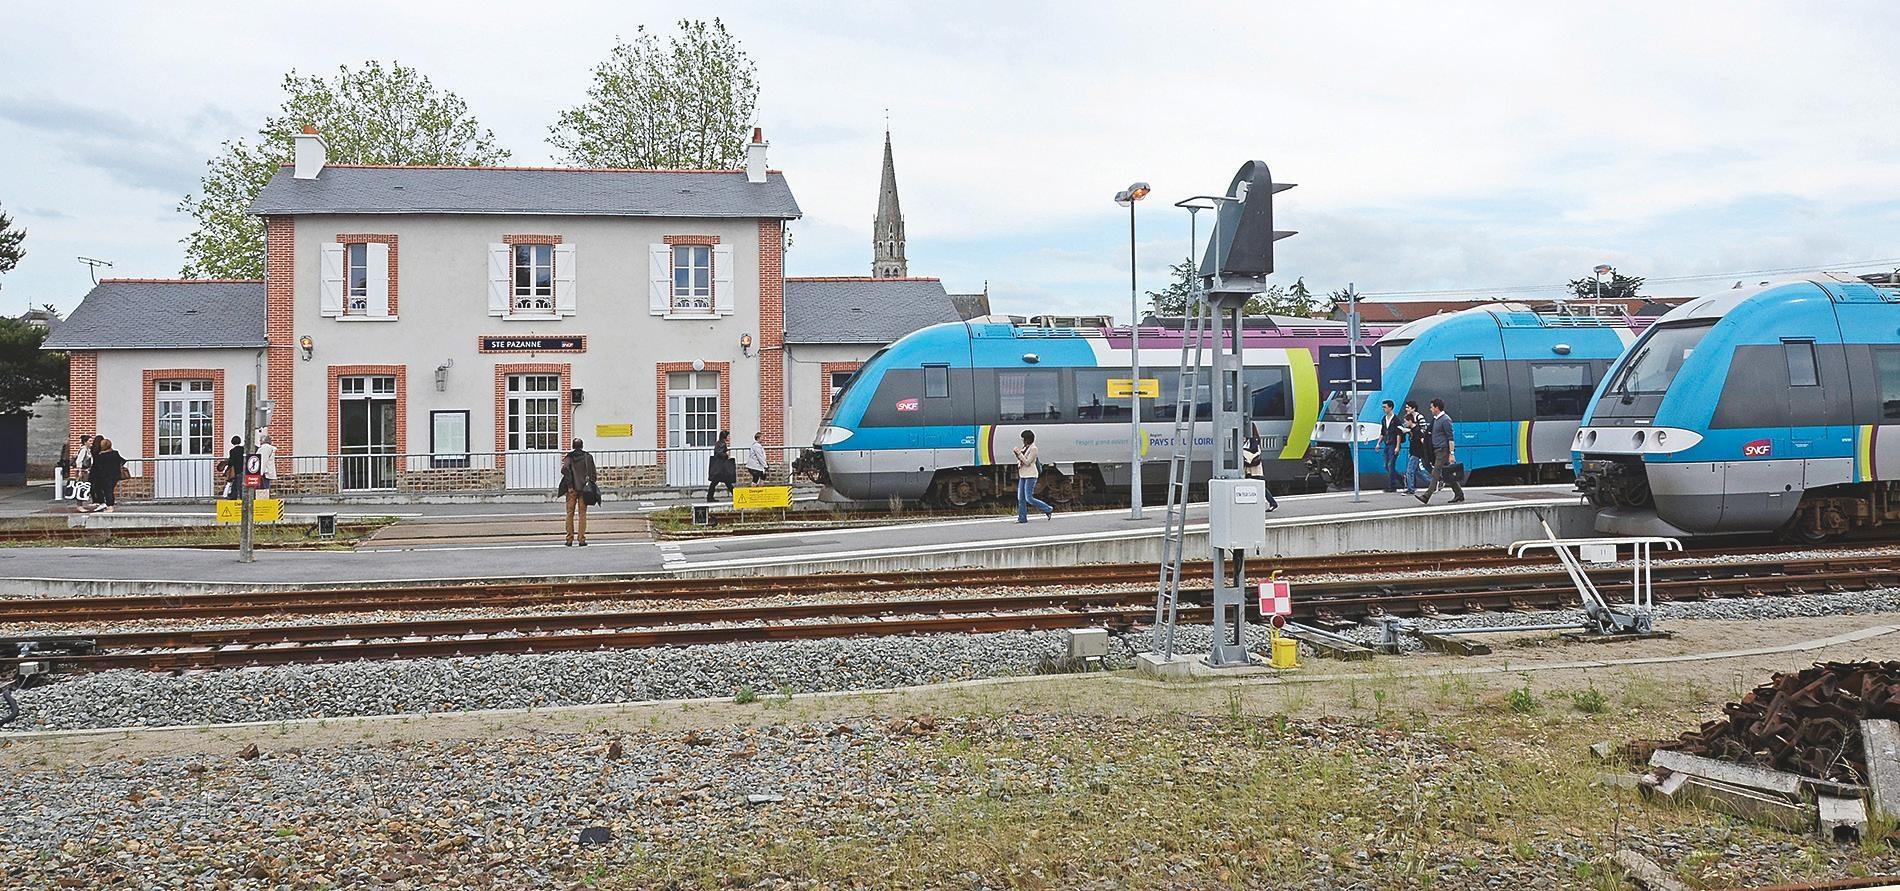 La gare prise le 16 juin 2013 à 17h avec trois TER AGC en provenance de St-Gilles, de Pornic et à destination de Pornic (photo Patrick Durant).